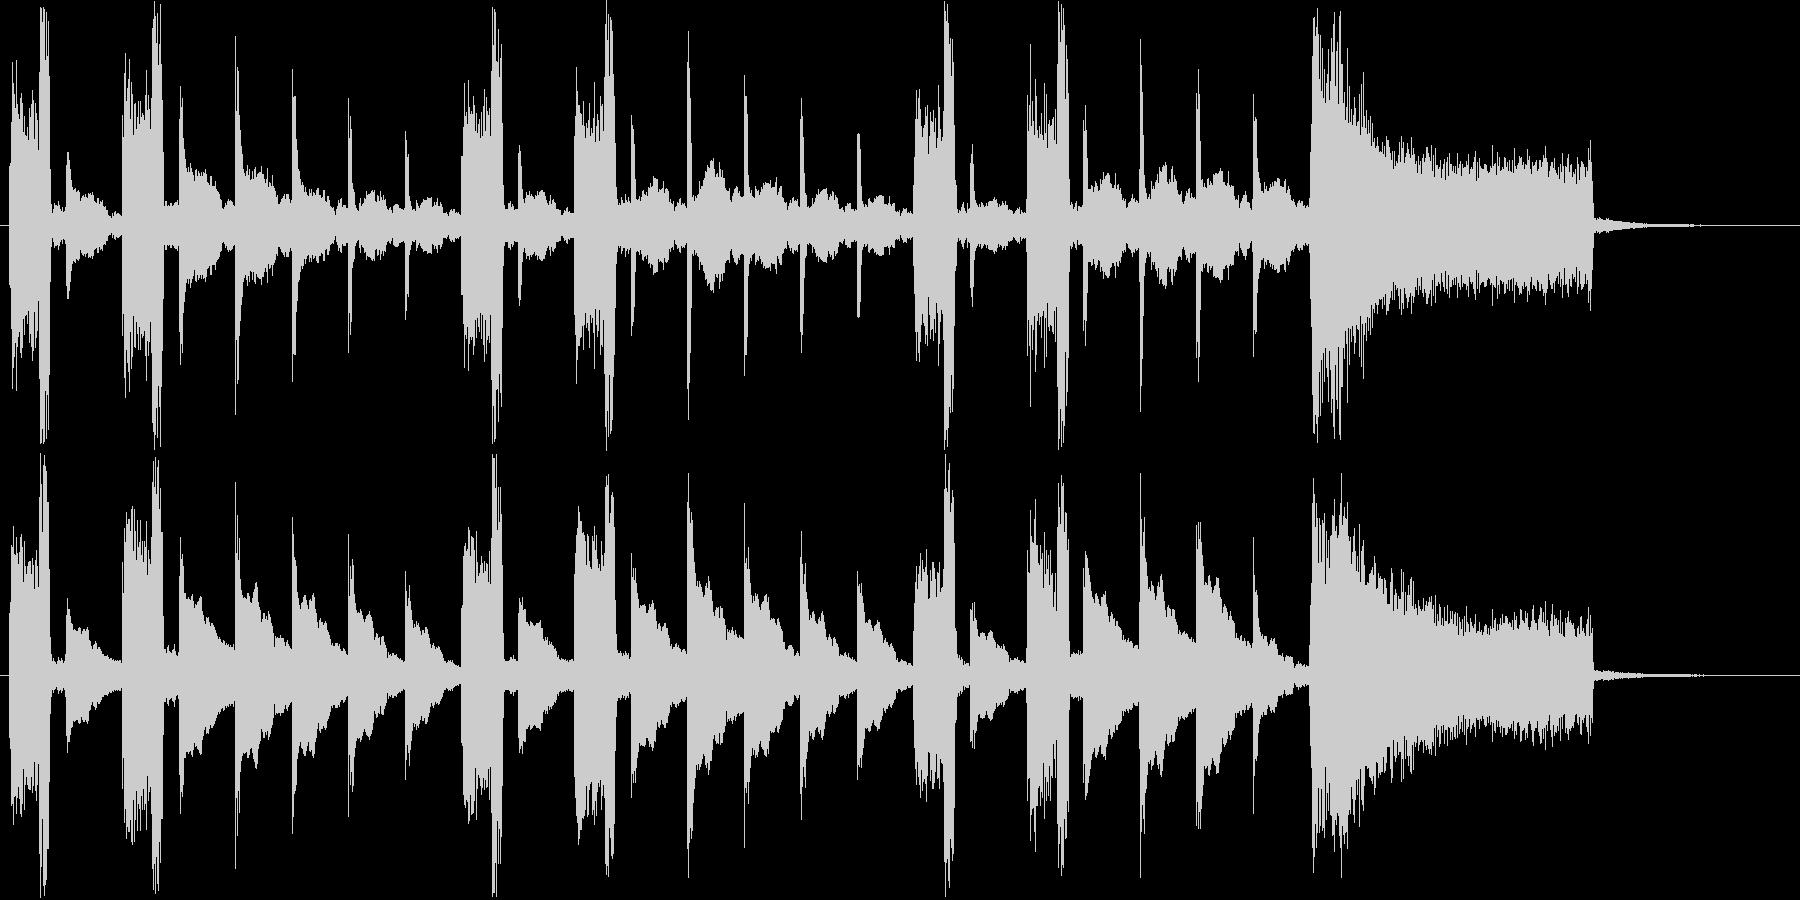 リズムアクセントのあるシンセサイザー音の未再生の波形